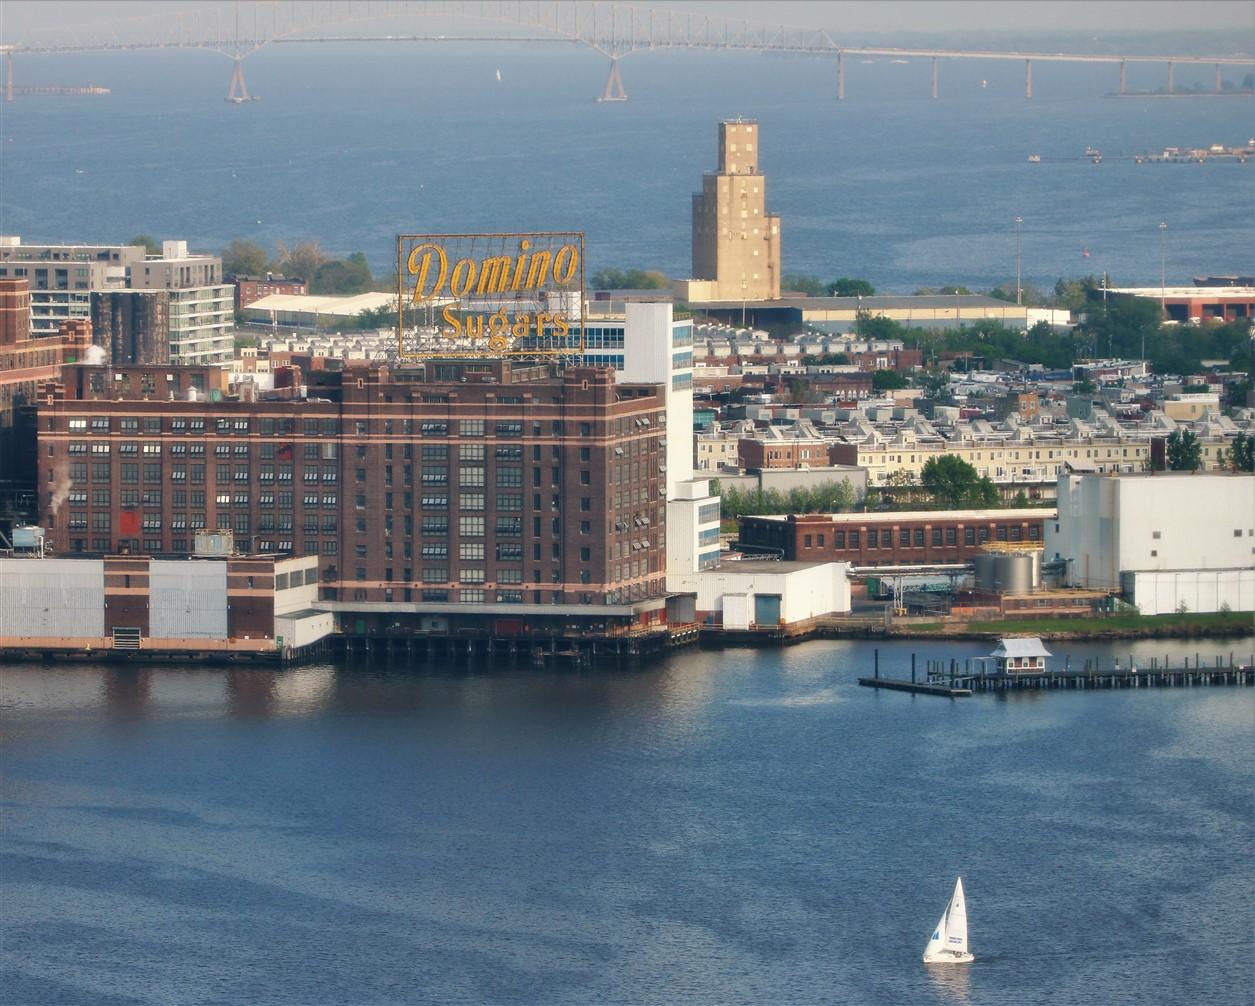 2018 05 04 130 Baltimore Observation Deck.jpg